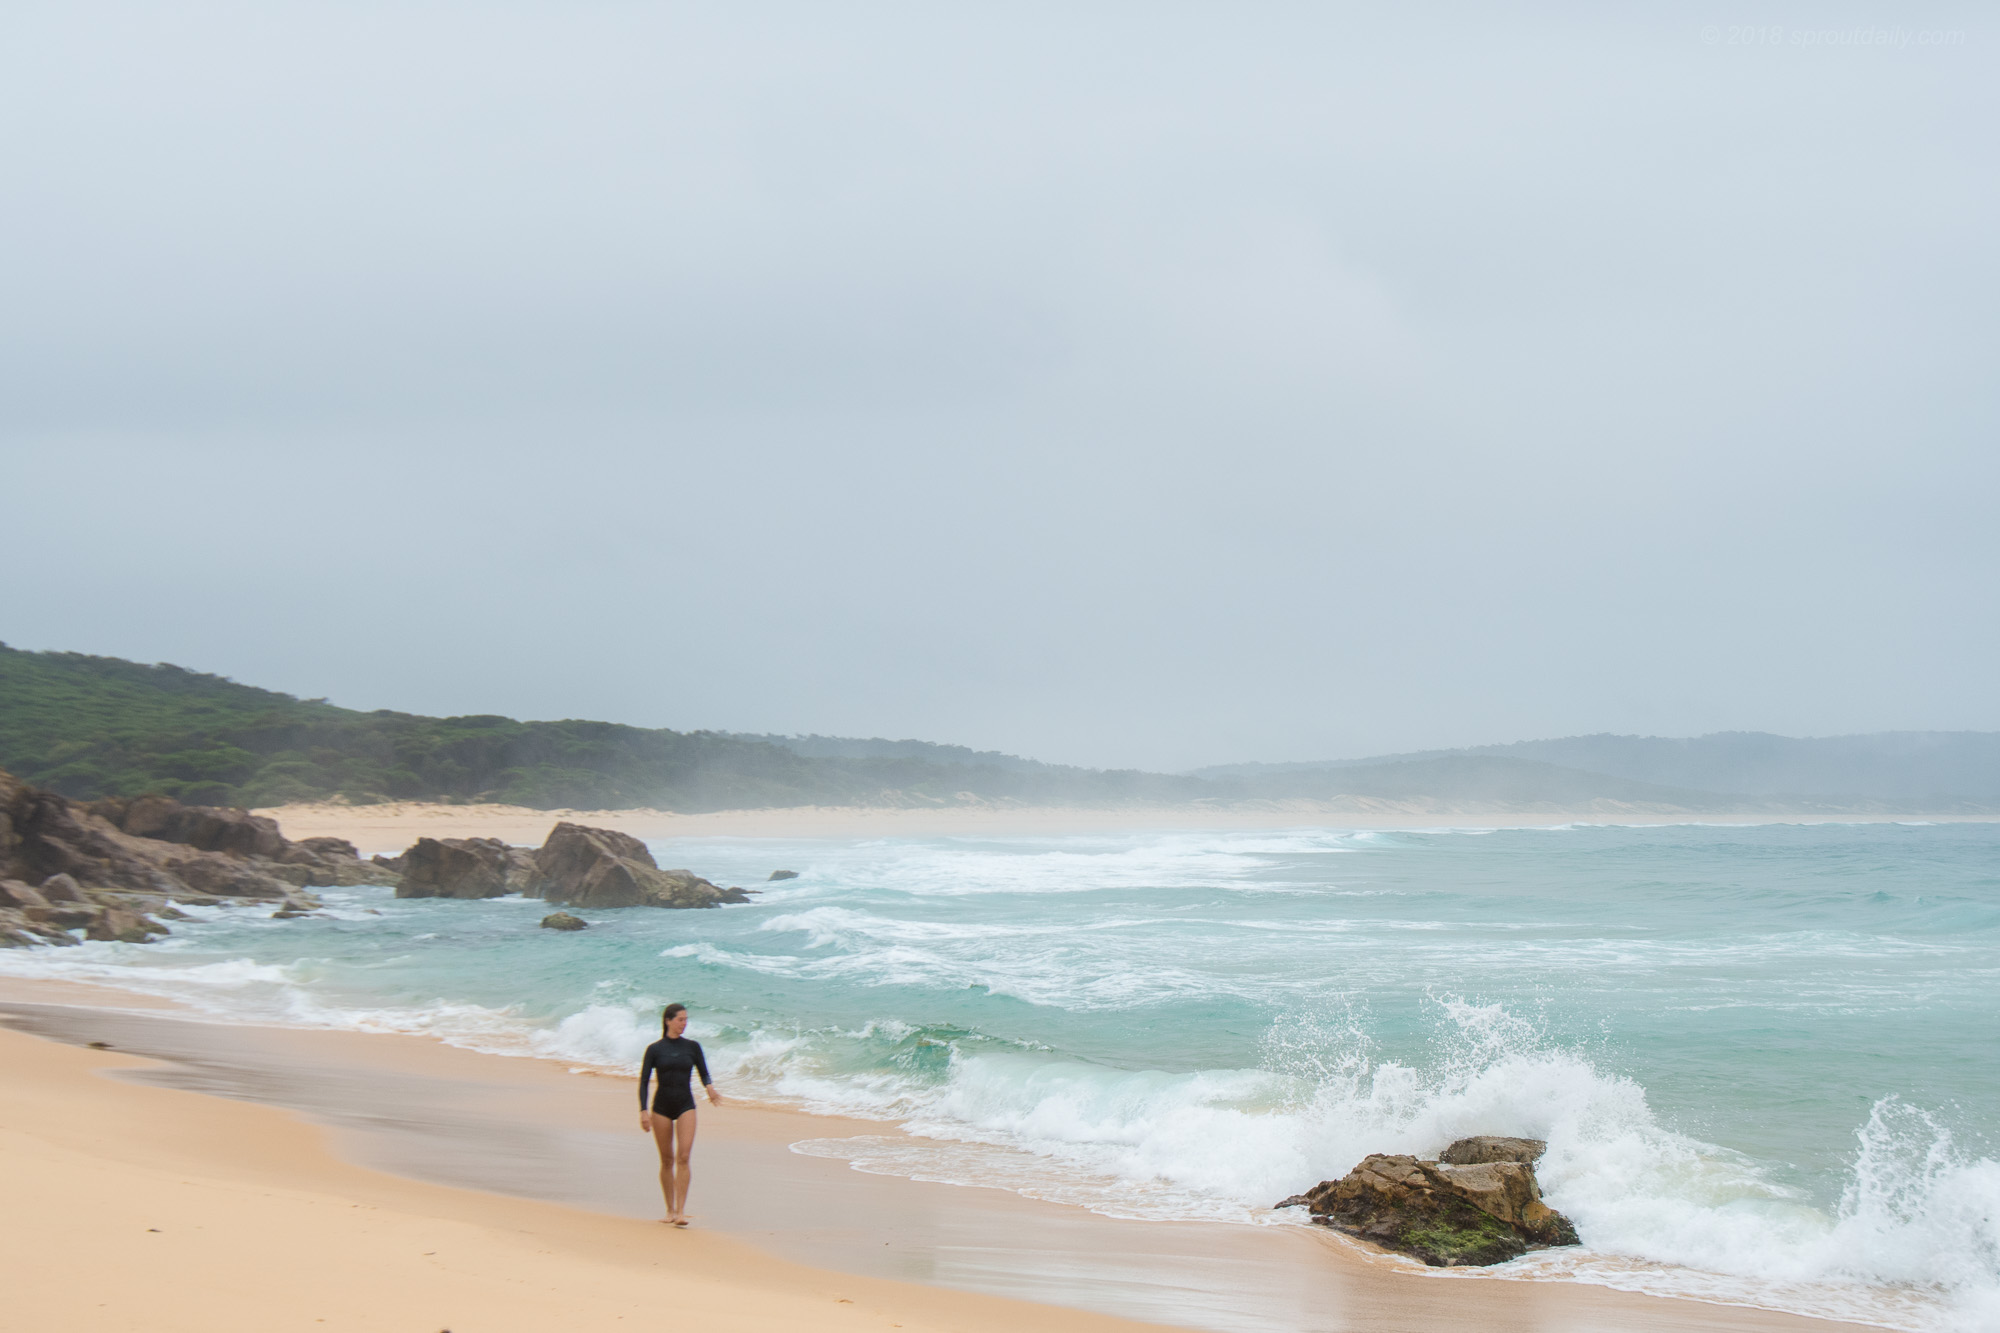 Short Walks on Empty Beaches